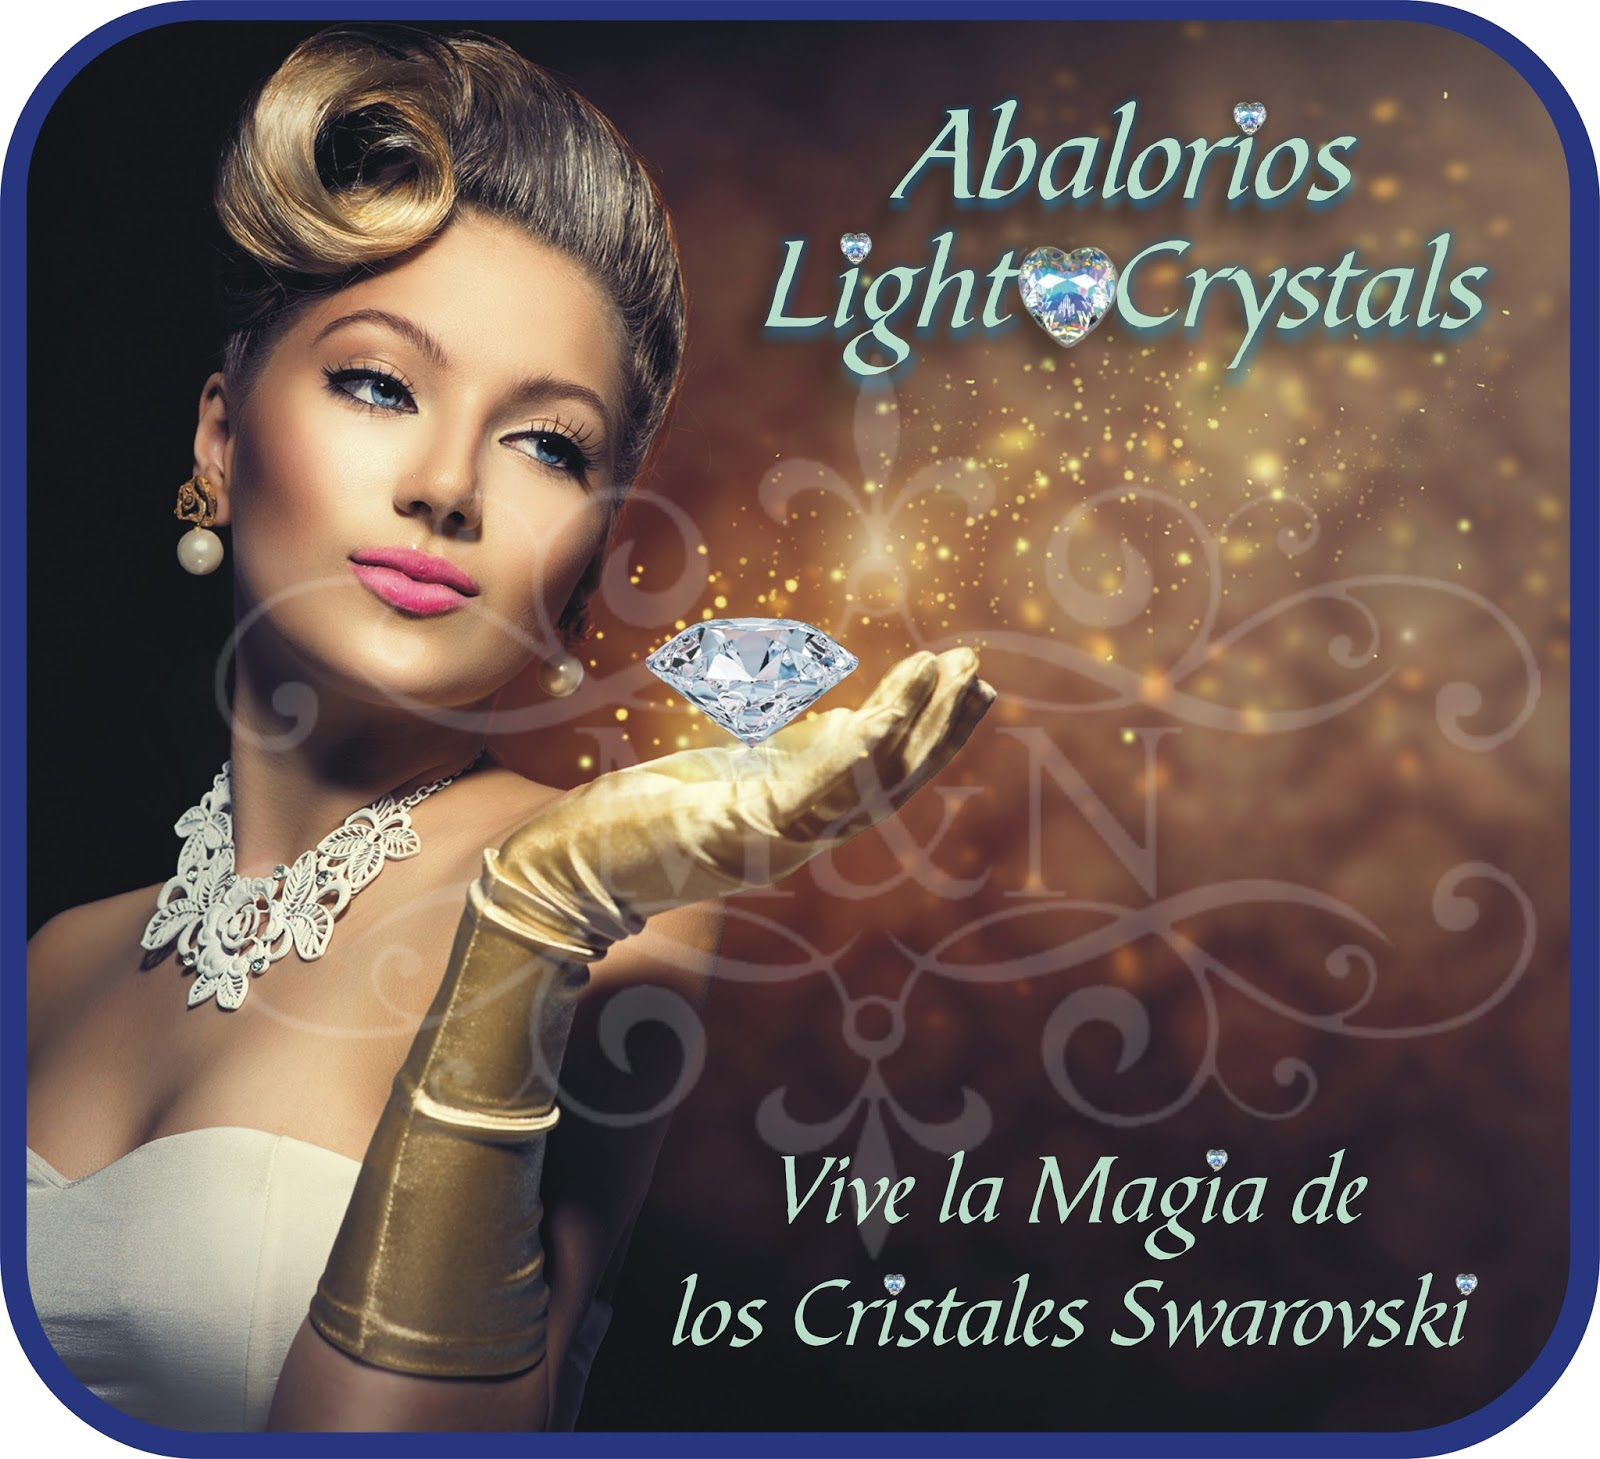 Vive La Magia de los Cristales Swarovski